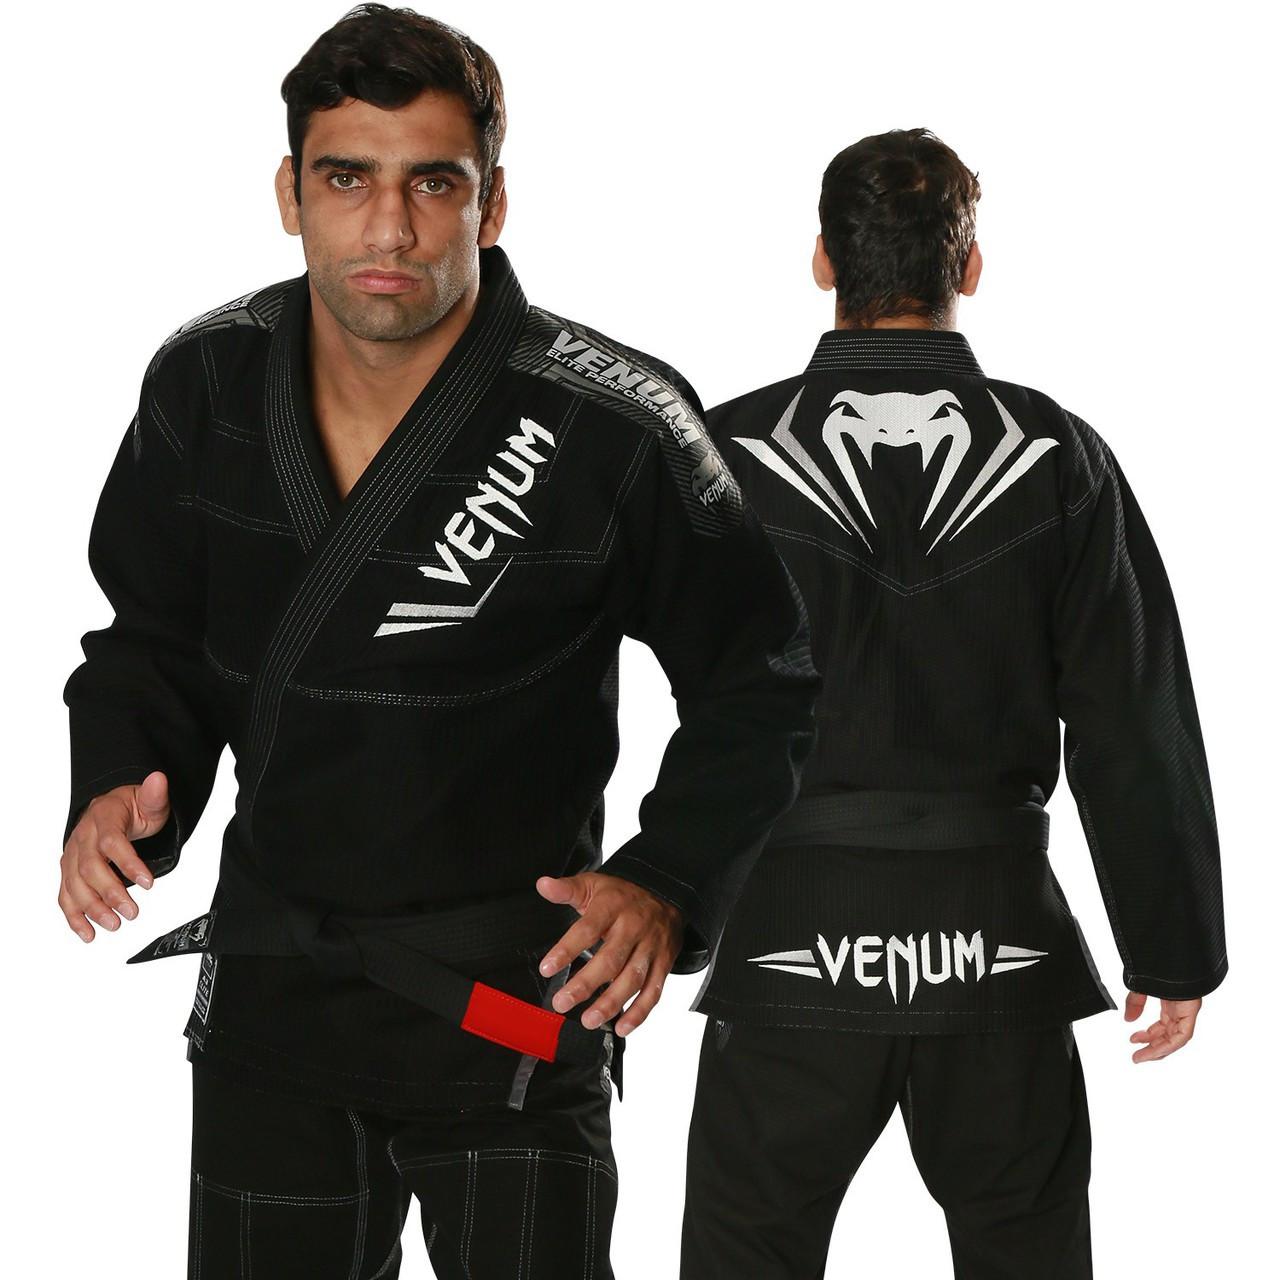 venum elite bjj gi black silver the jiu jitsu shop